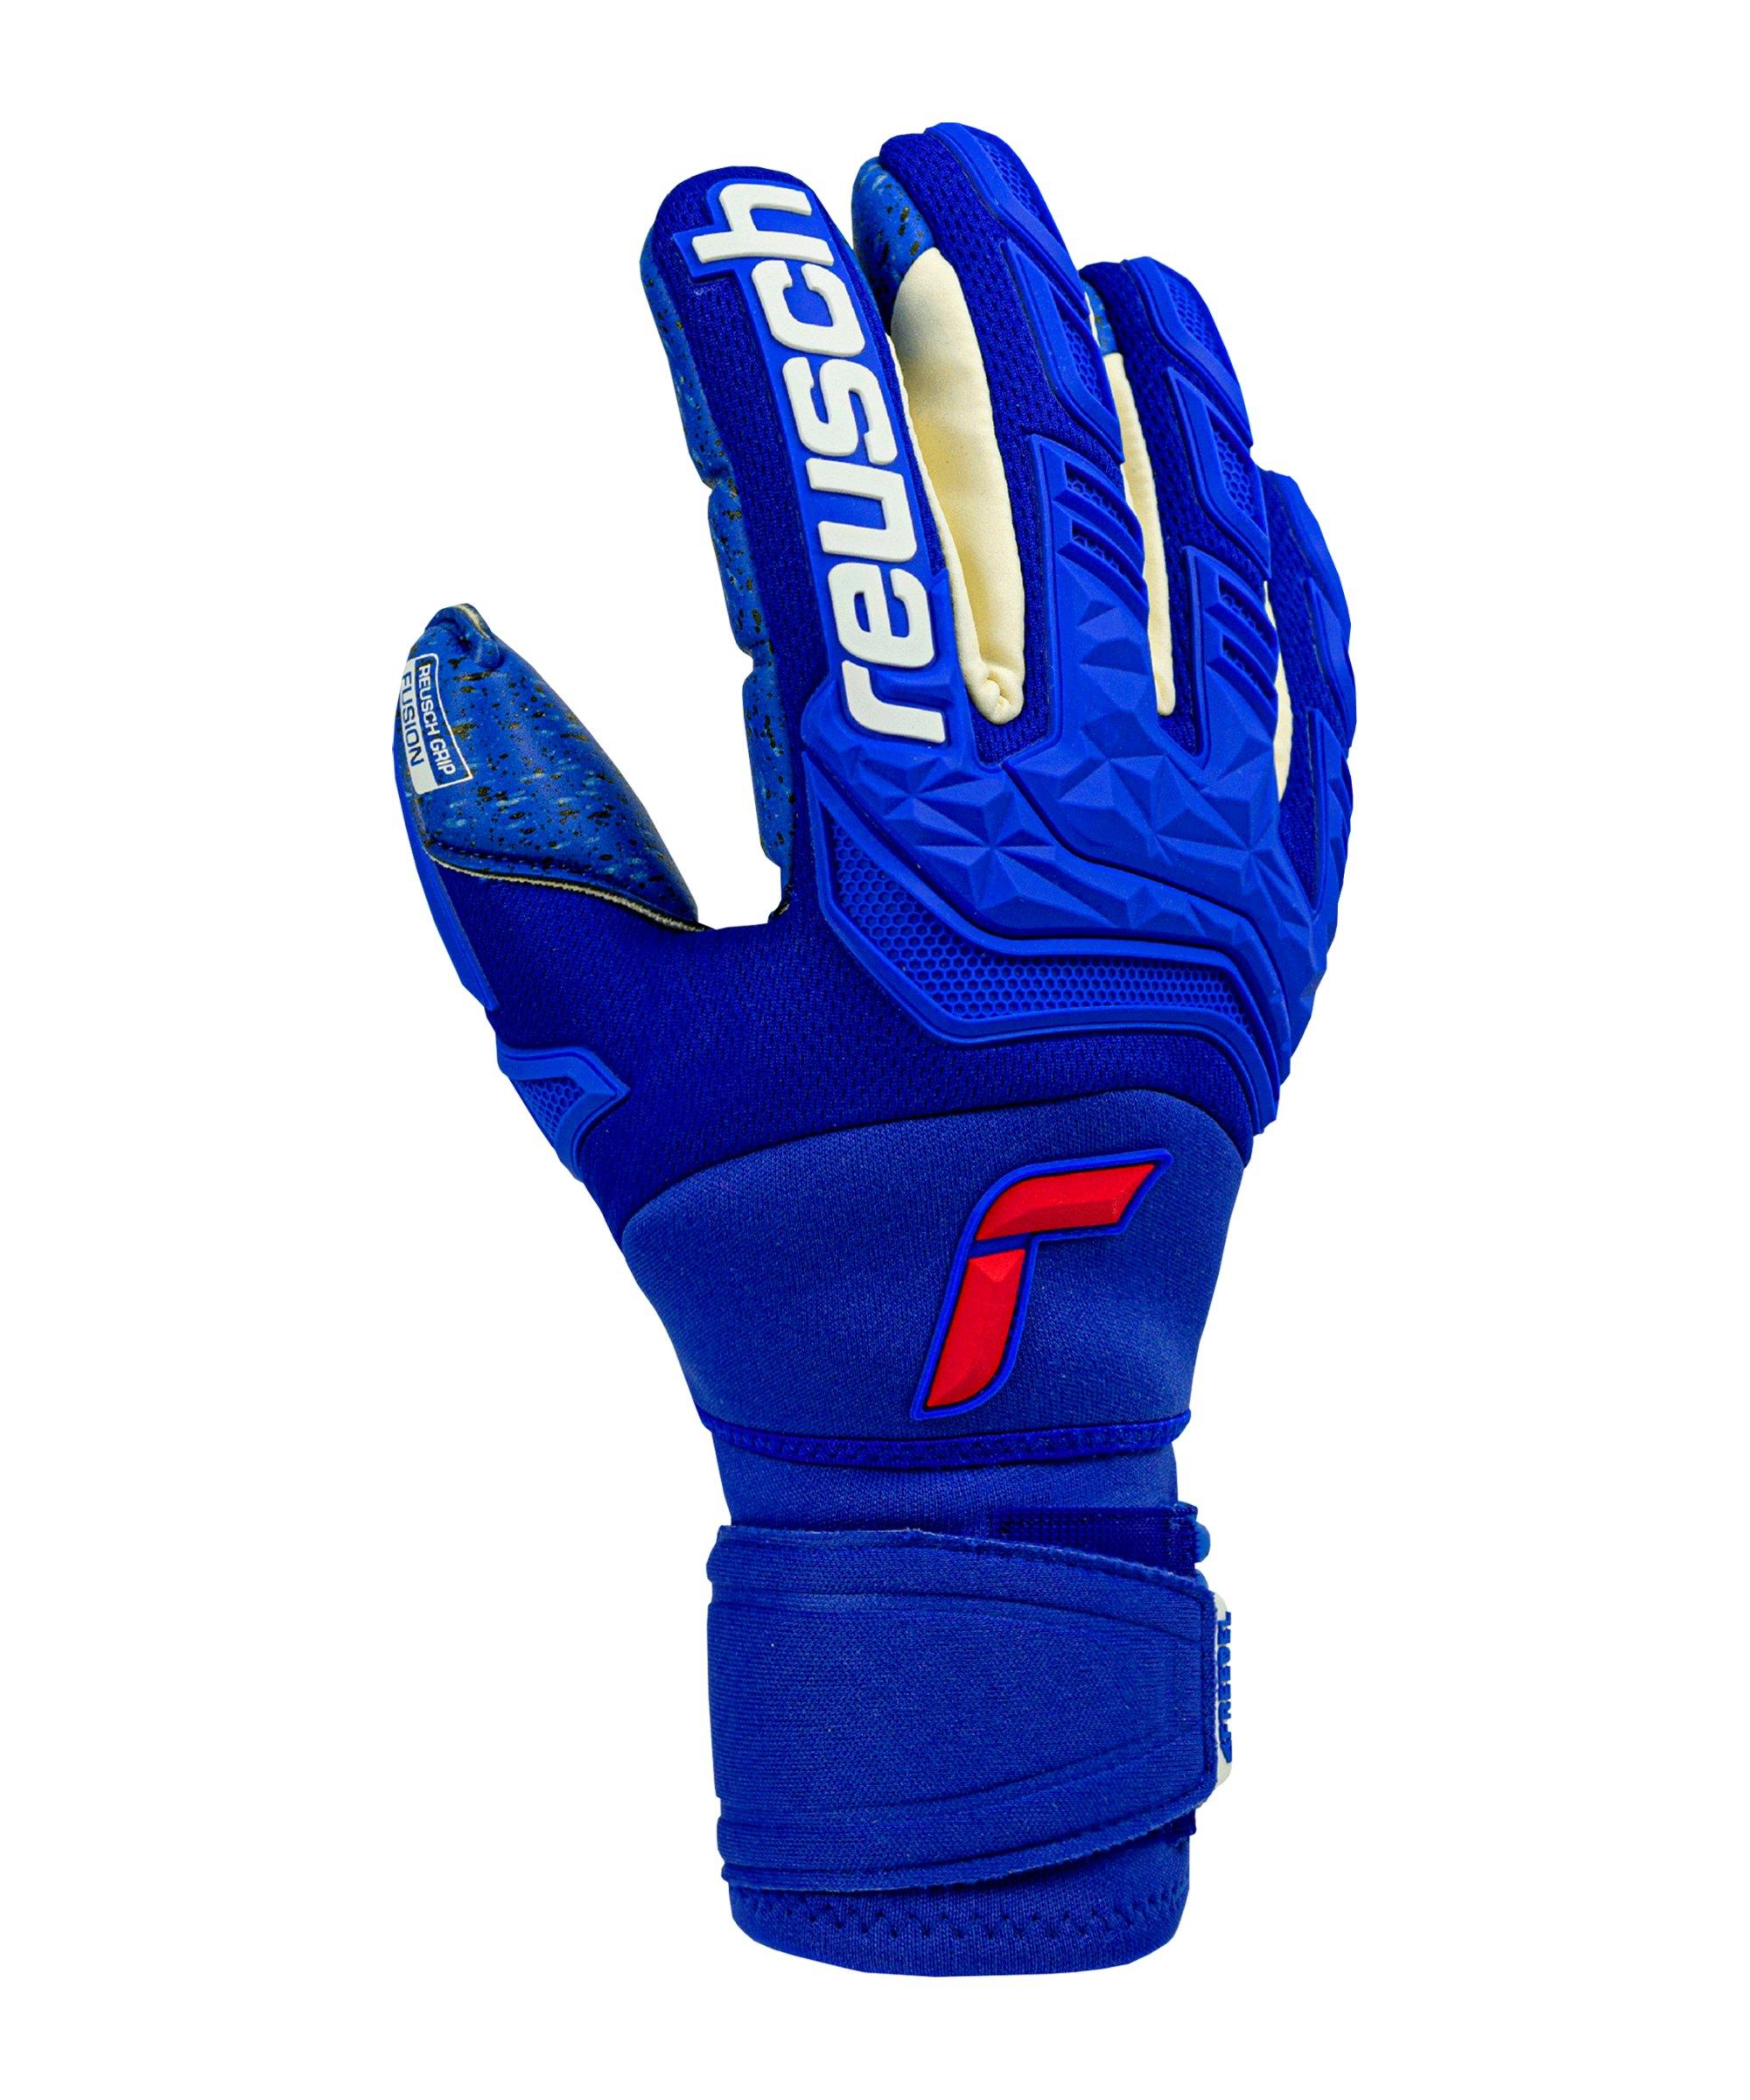 Reusch Attrakt Freegel Fusion Ortho-Tec F4010 - blau